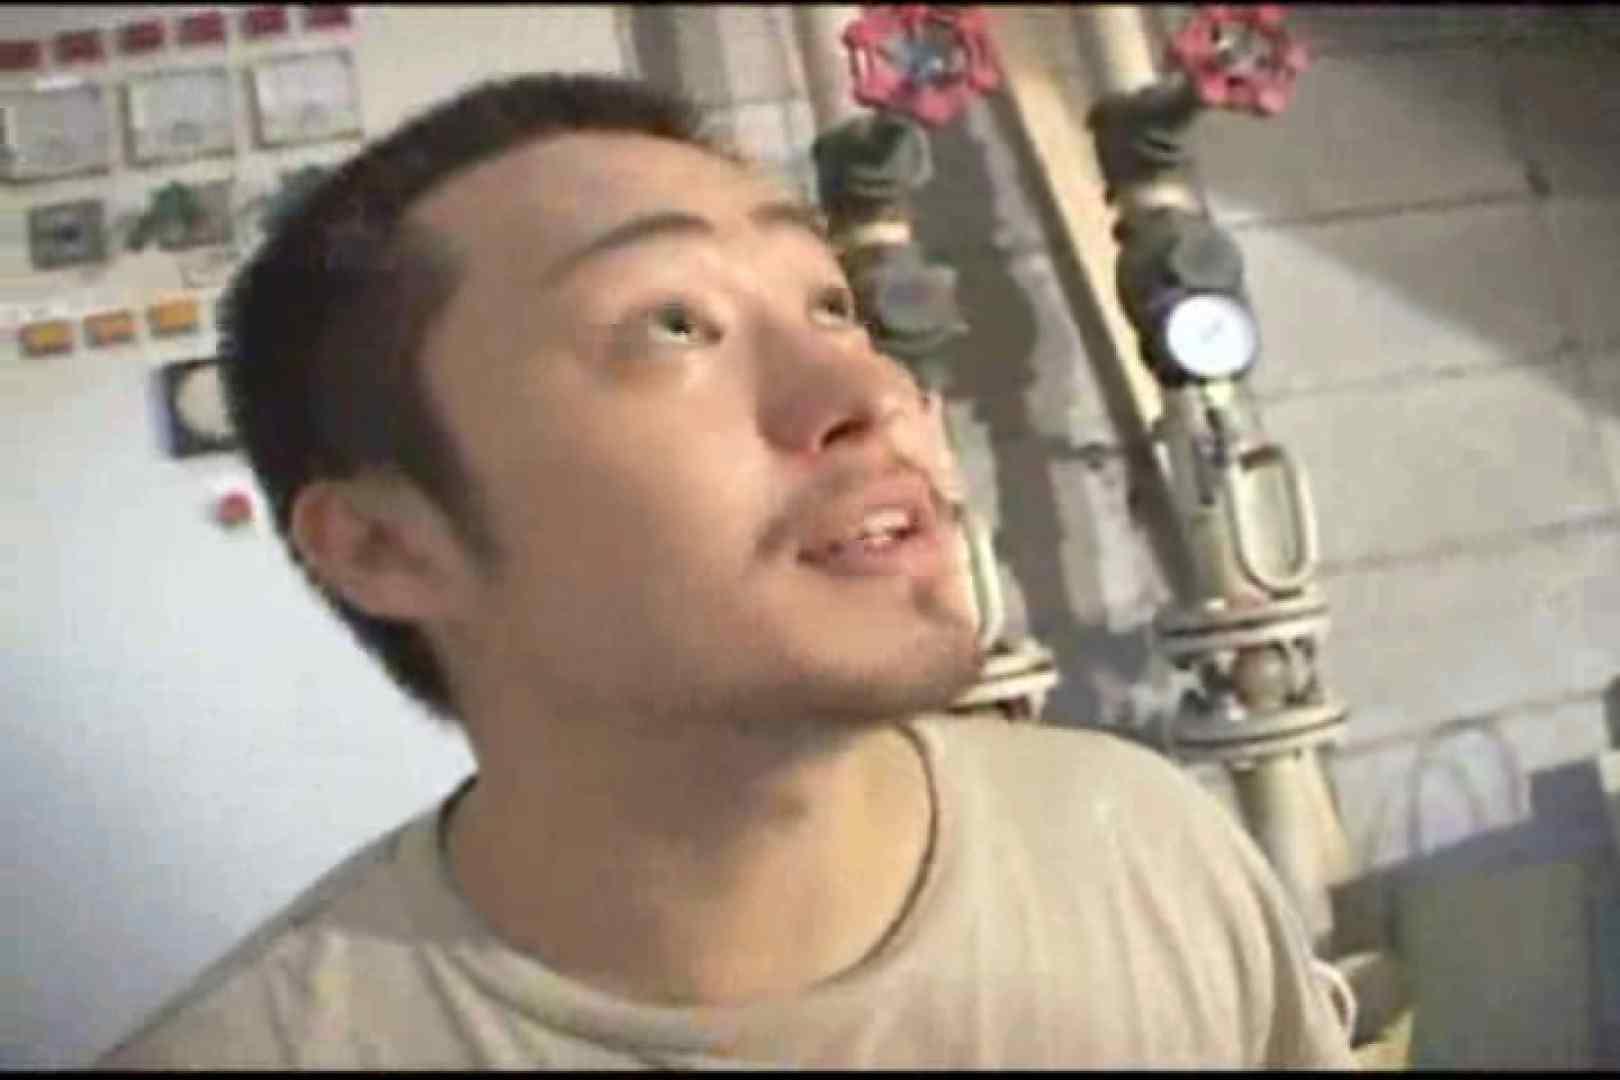 機械室で体育会系男子を手コキ&フェラ!! 男祭り ゲイセックス画像 81枚 2